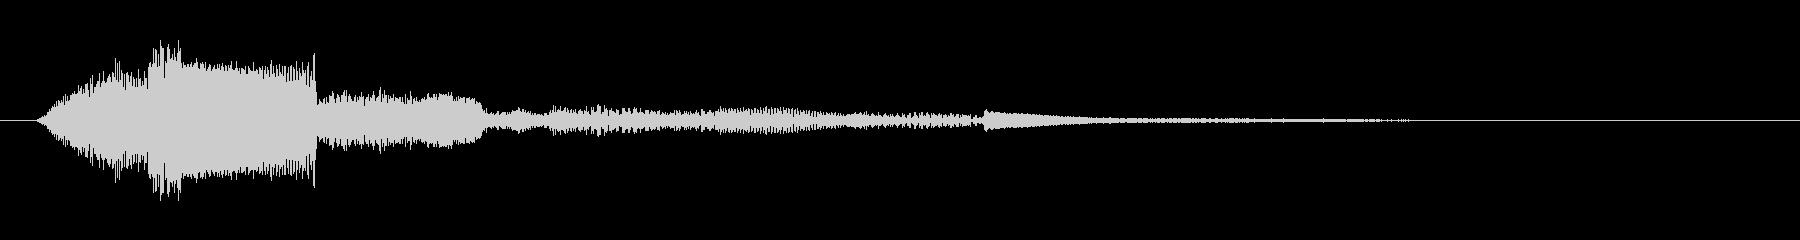 お知らせ・通知・受信音(ティロン)の未再生の波形